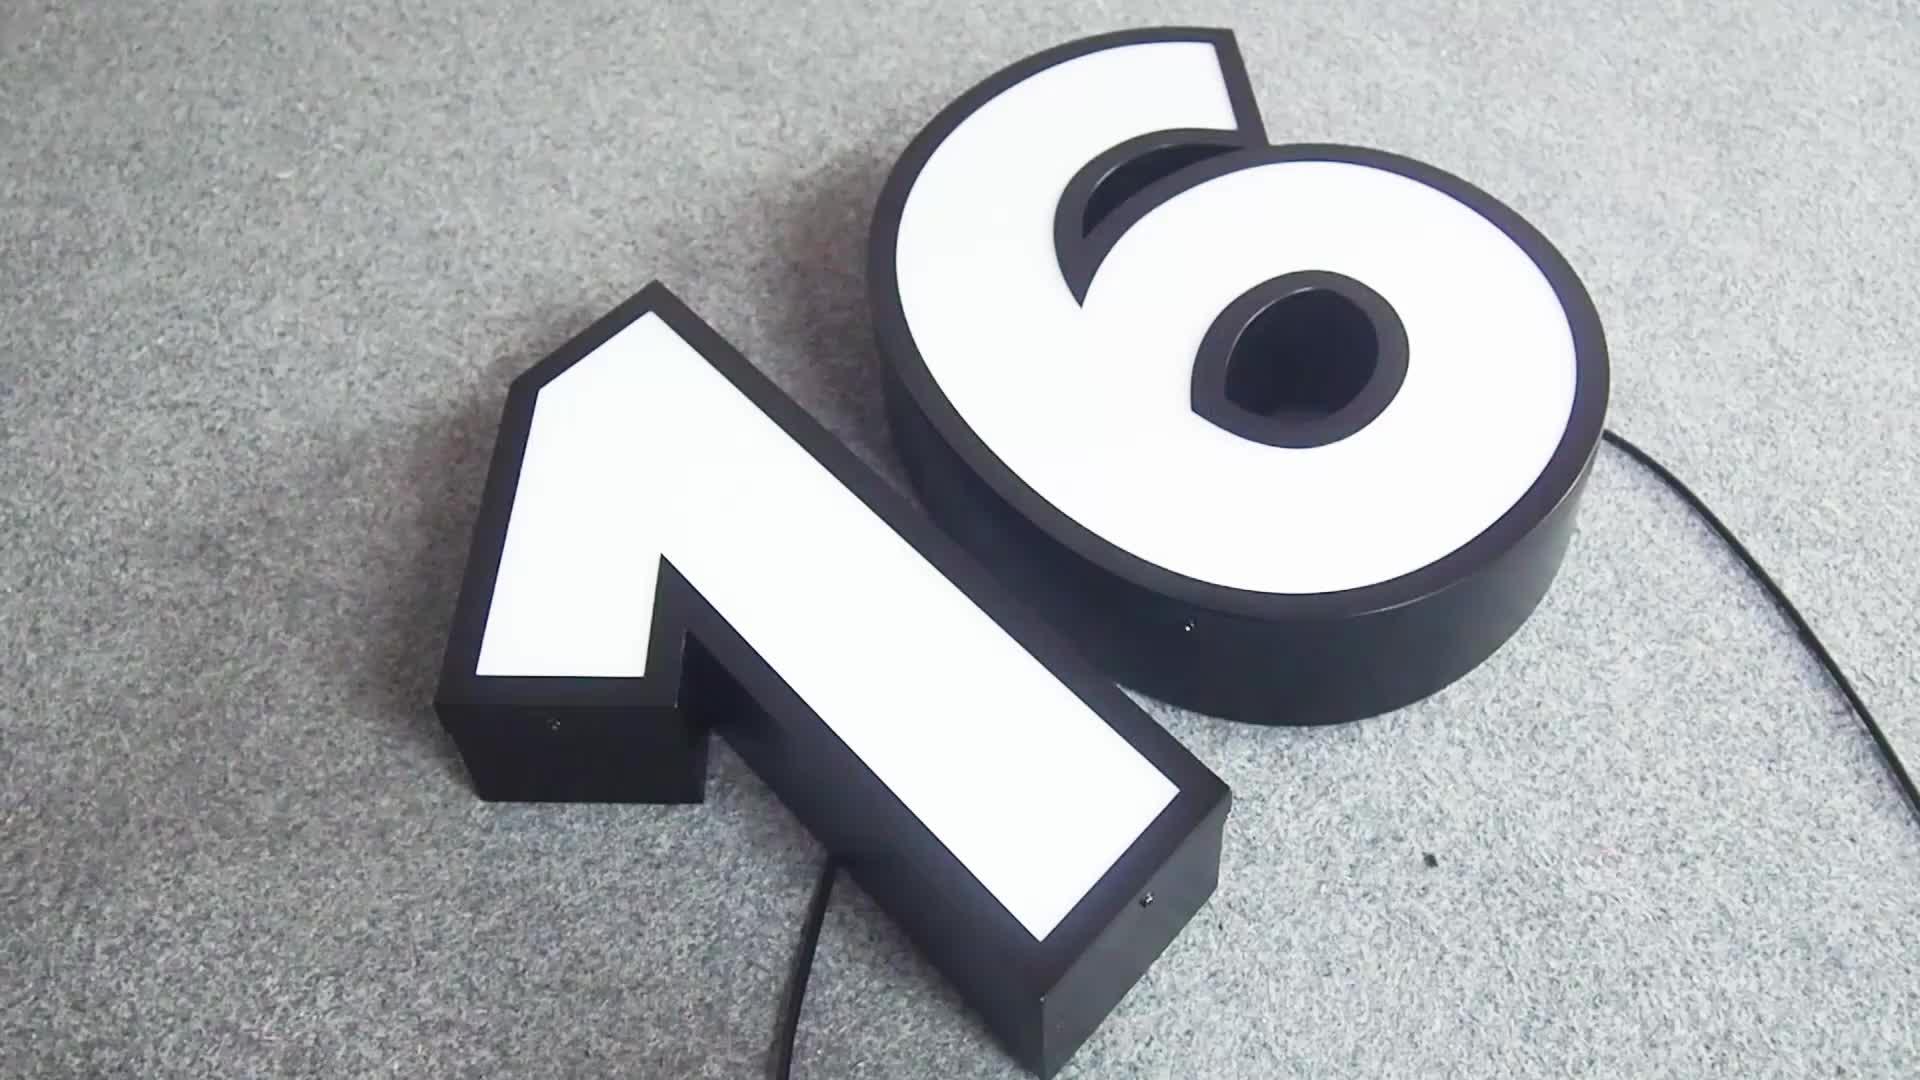 Grande de alumínio canal de metal em relevo letras e números